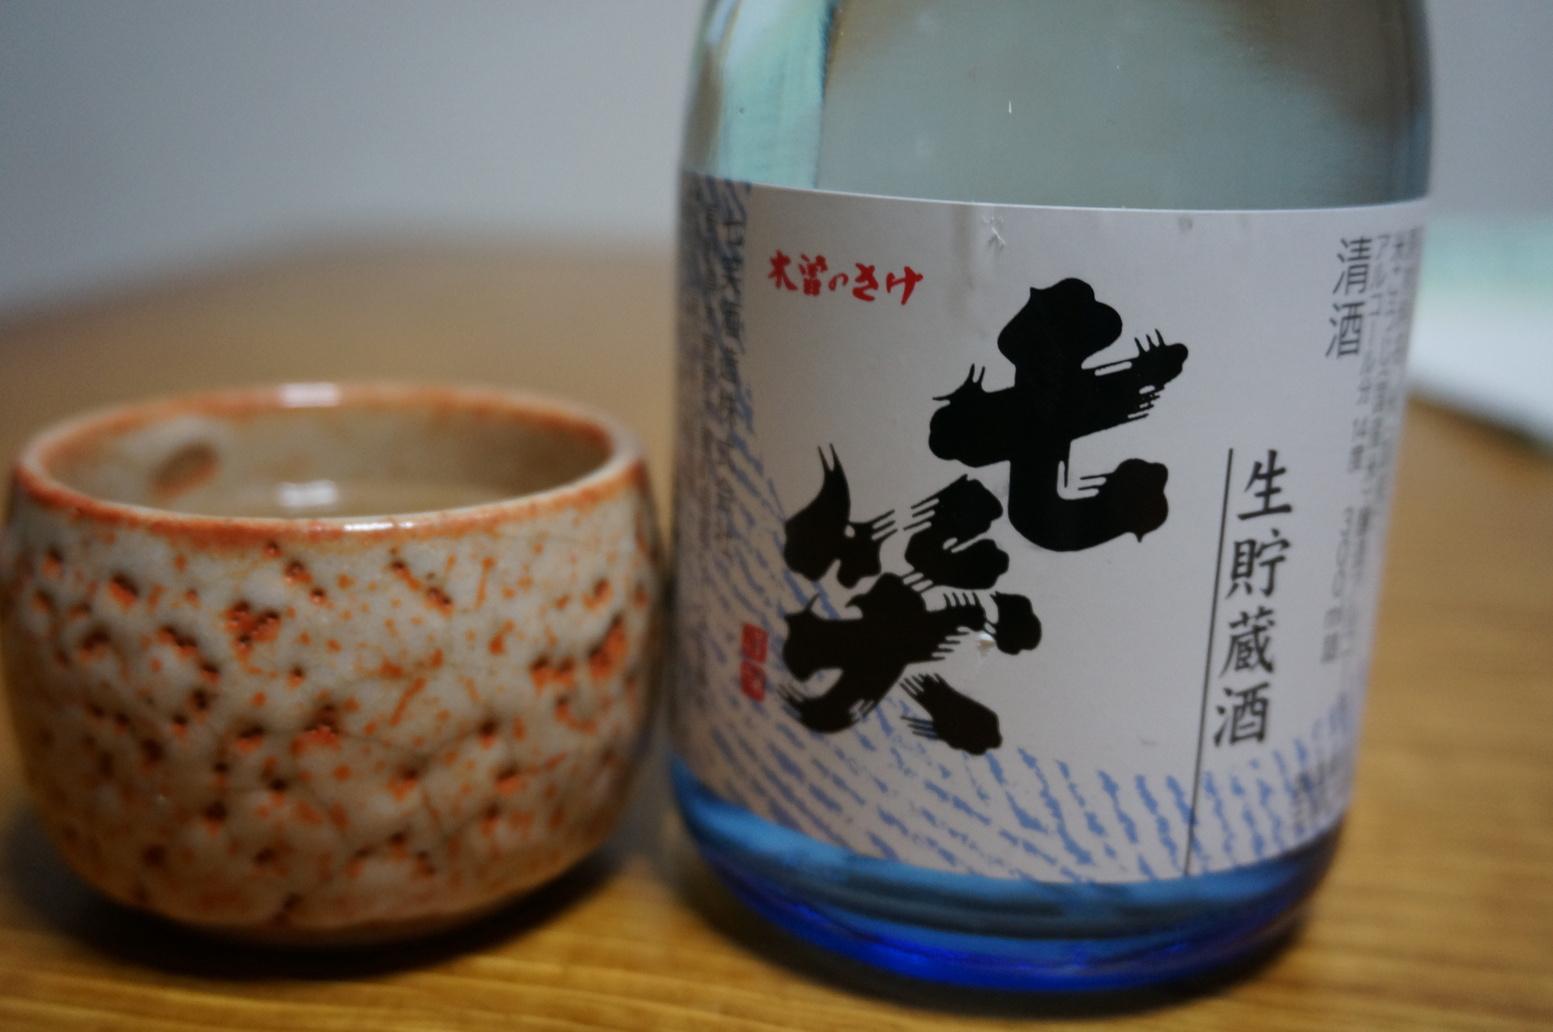 七笑酒造 name=